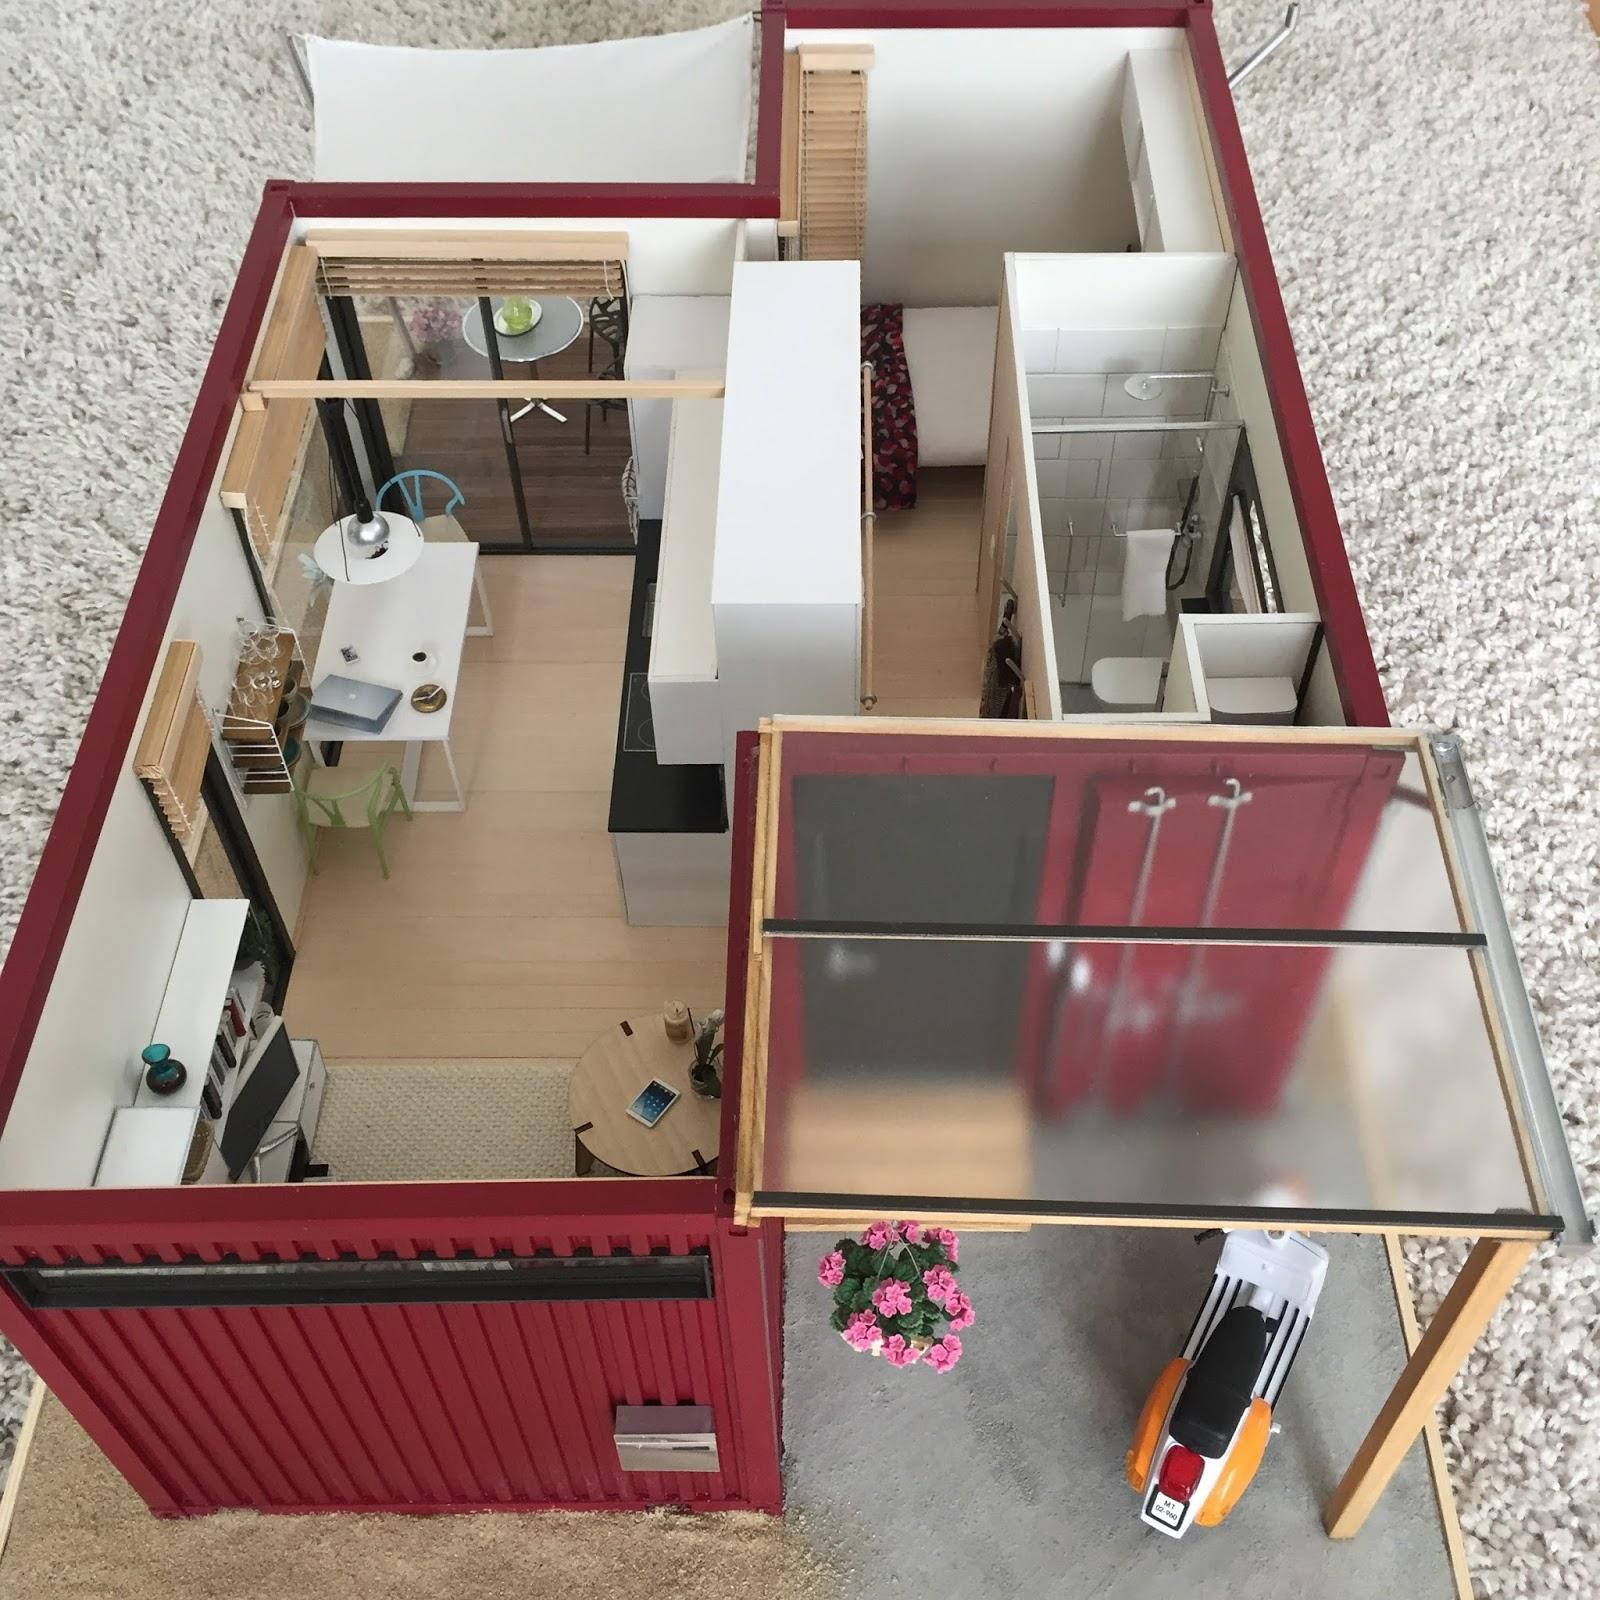 Free 3d Container Home Design Software Download: Дома из морских контейнеров [90+ фото лучших проектов] 2019